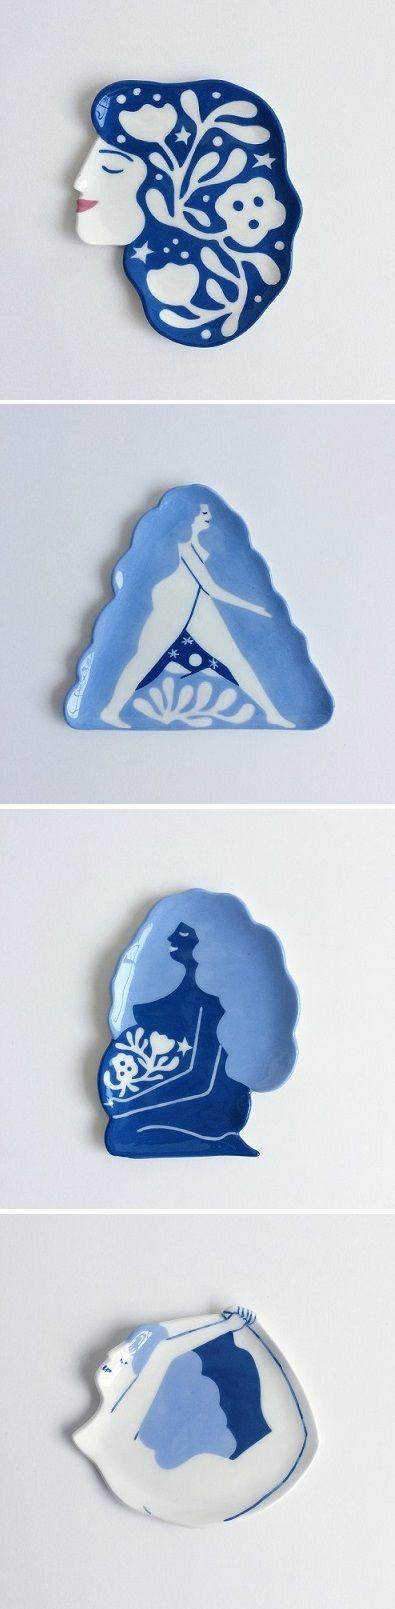 Ceramic Dishes by Lisa Junius